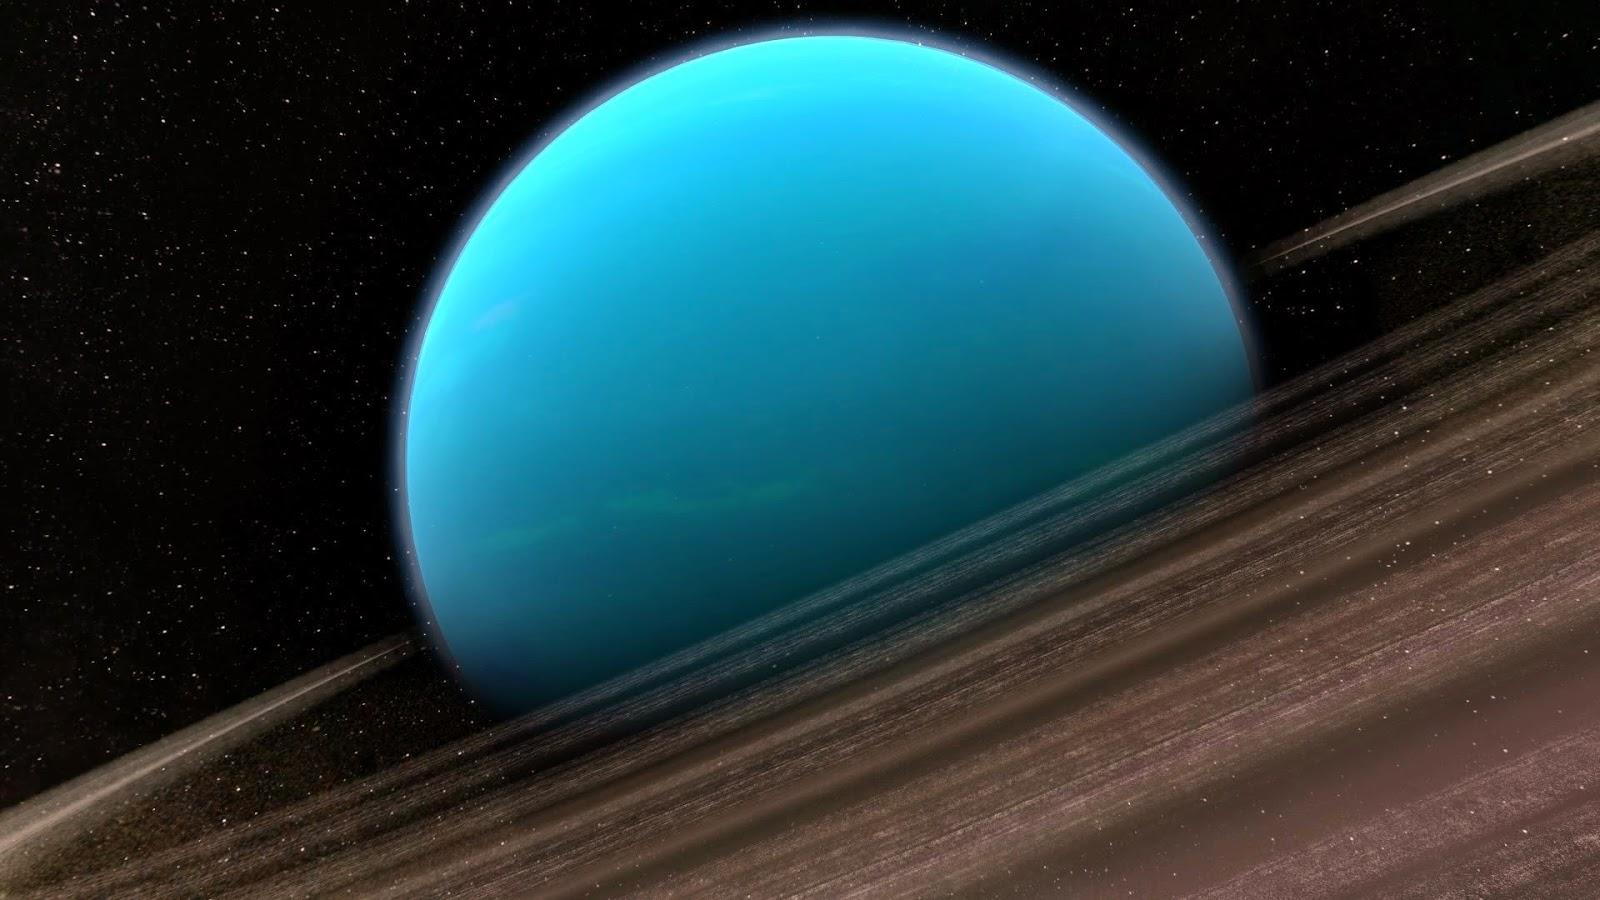 gambar planet uranus